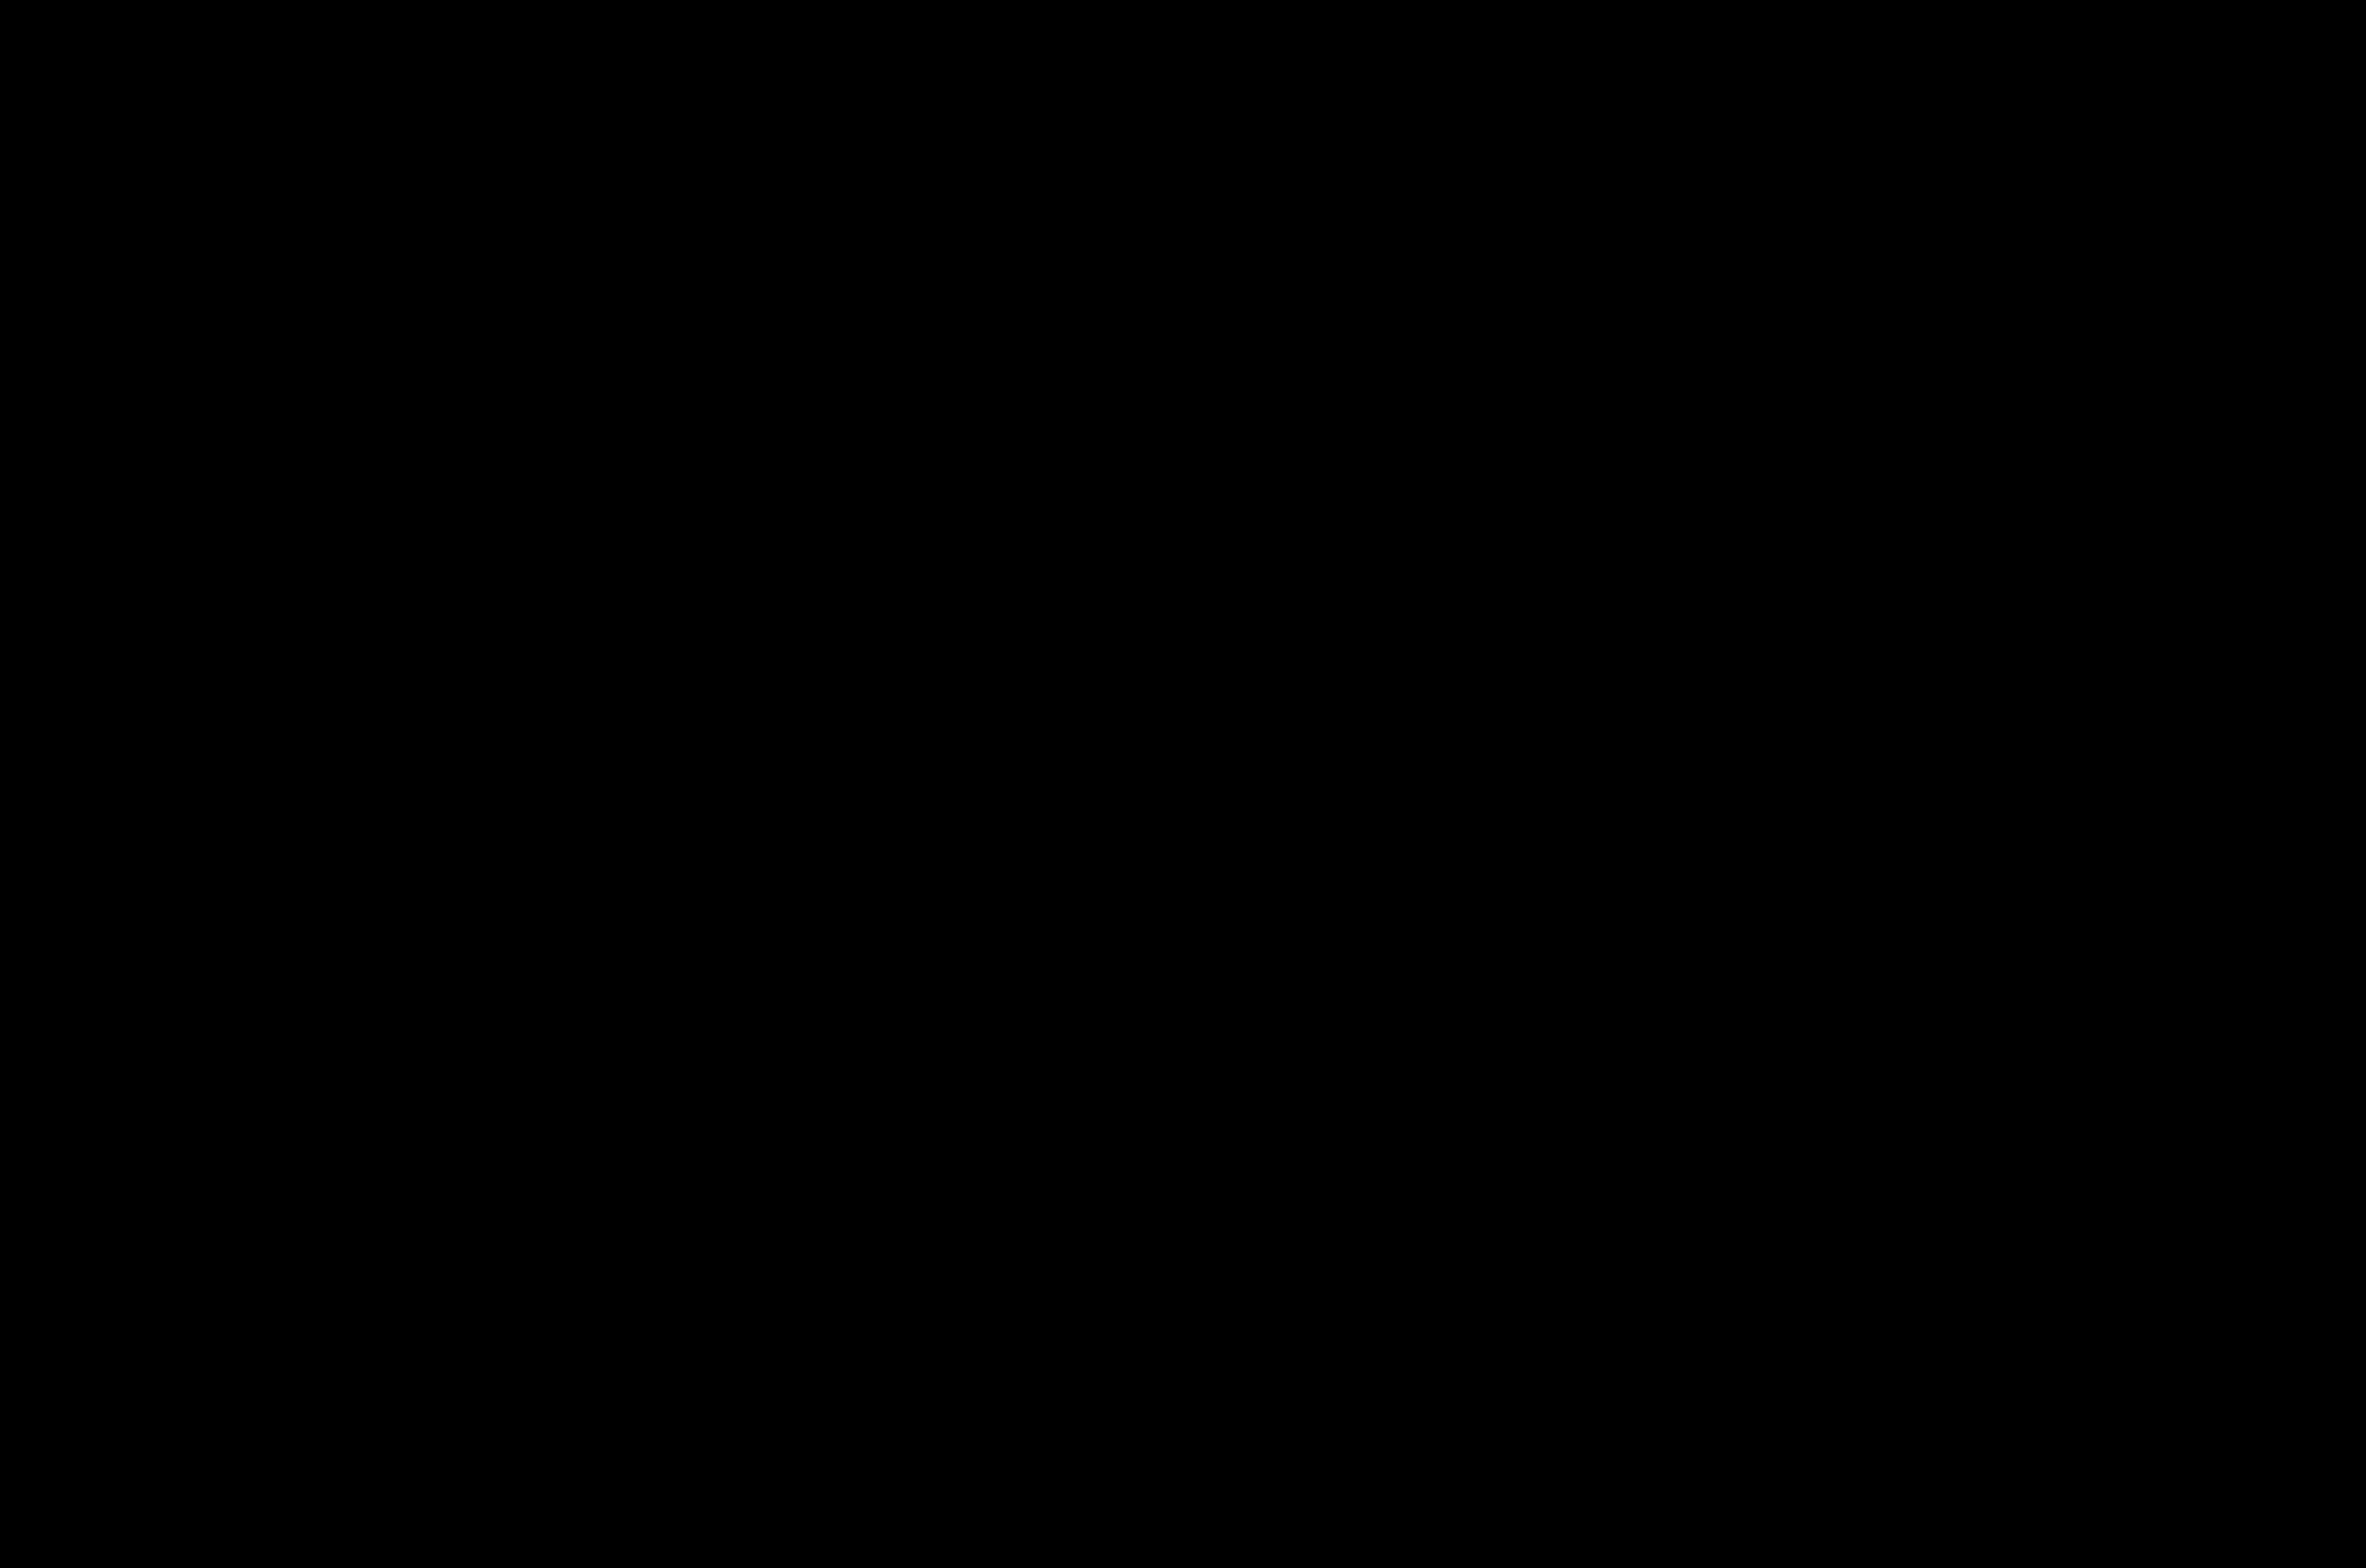 Eye Example 2